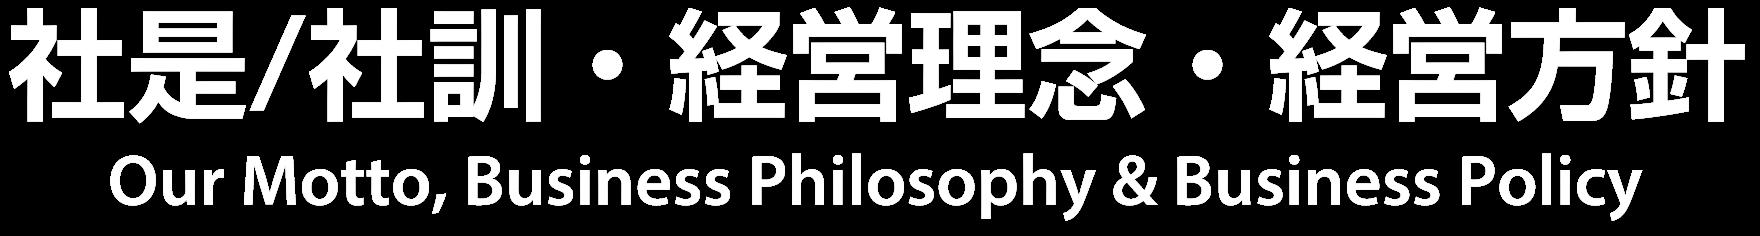 社是/社訓・経営理念・経営方針 Our Motto, Business Philosophy & Business Policy